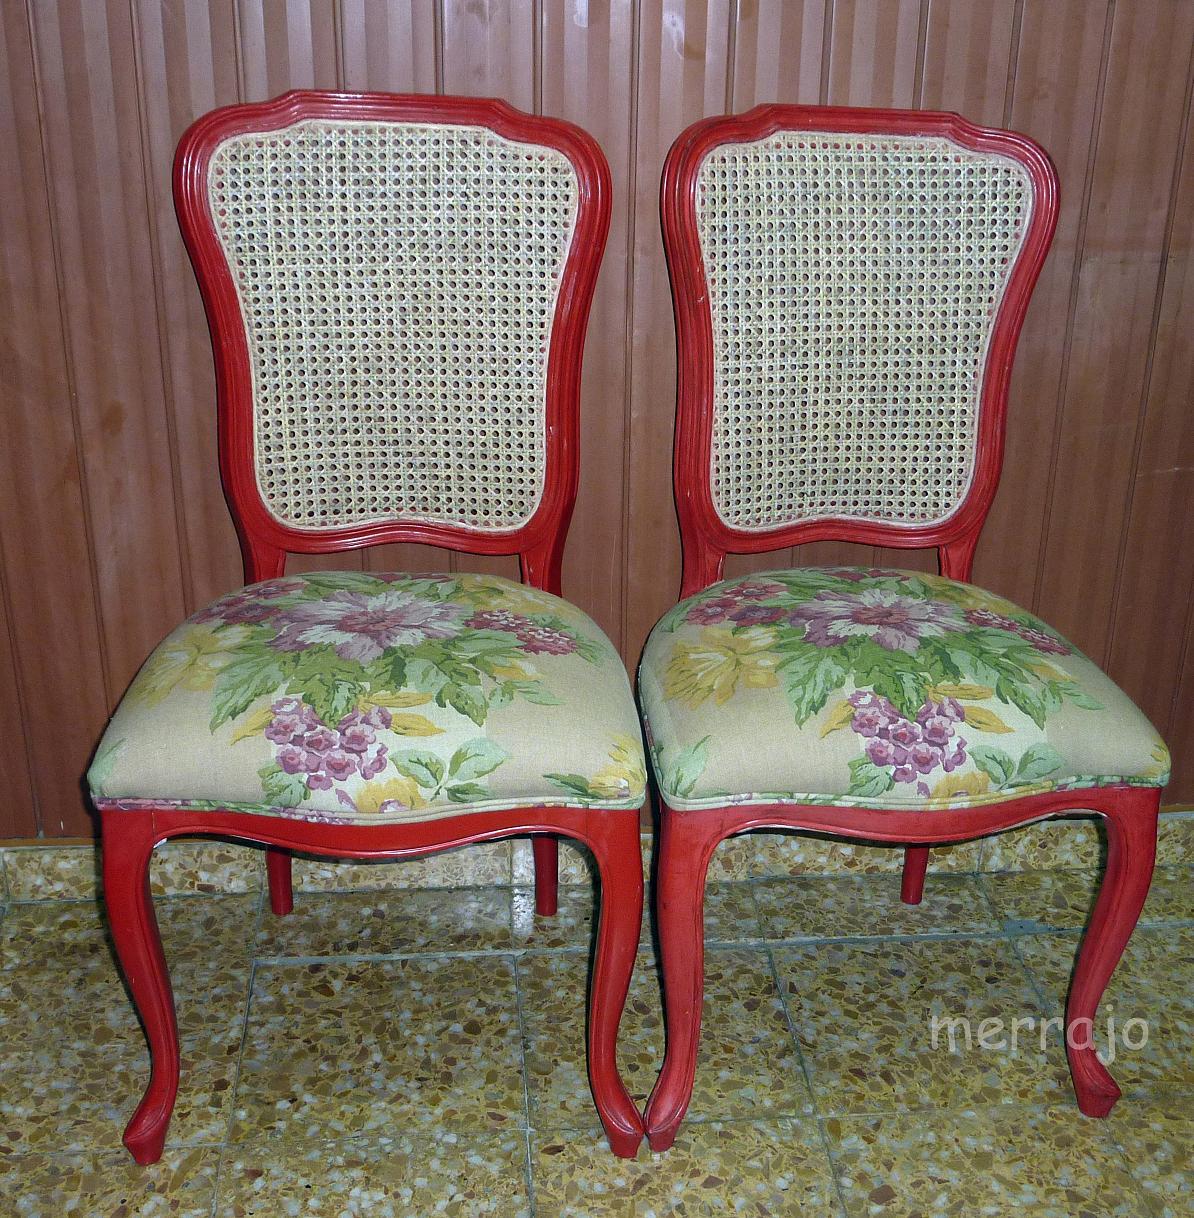 Manualidades merrajo yoli restauraci n de sillas con - Reparacion de sillas de rejilla ...